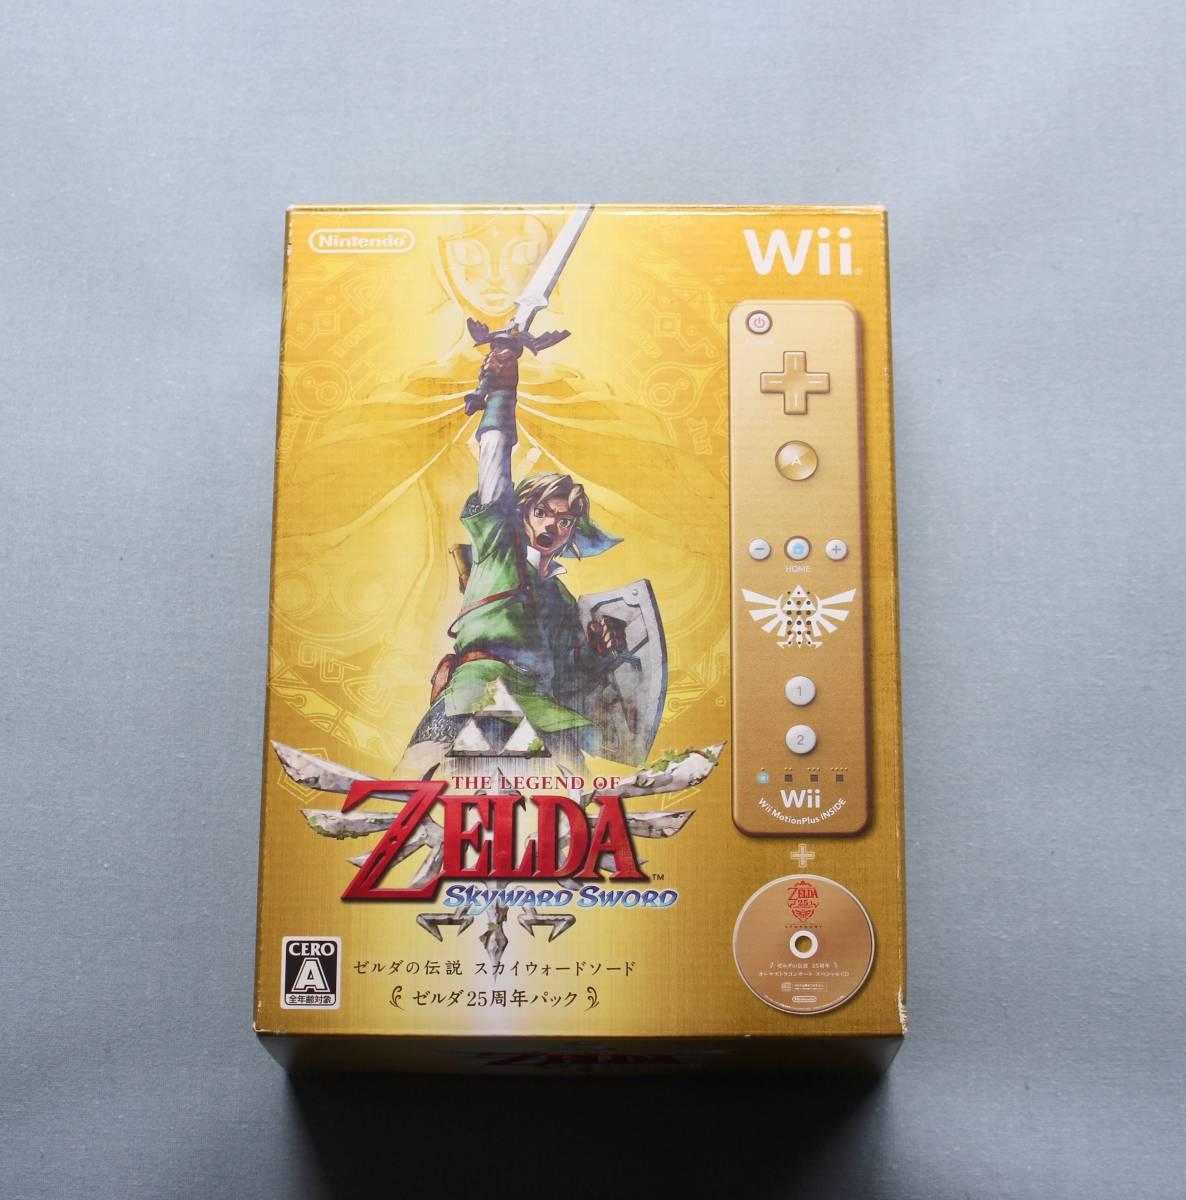 送料込み ゼルダの伝説スカイウォードソード 25周年パックWiiリモコンプラス ゴールド Nintendo ZELDA Skyward Sword